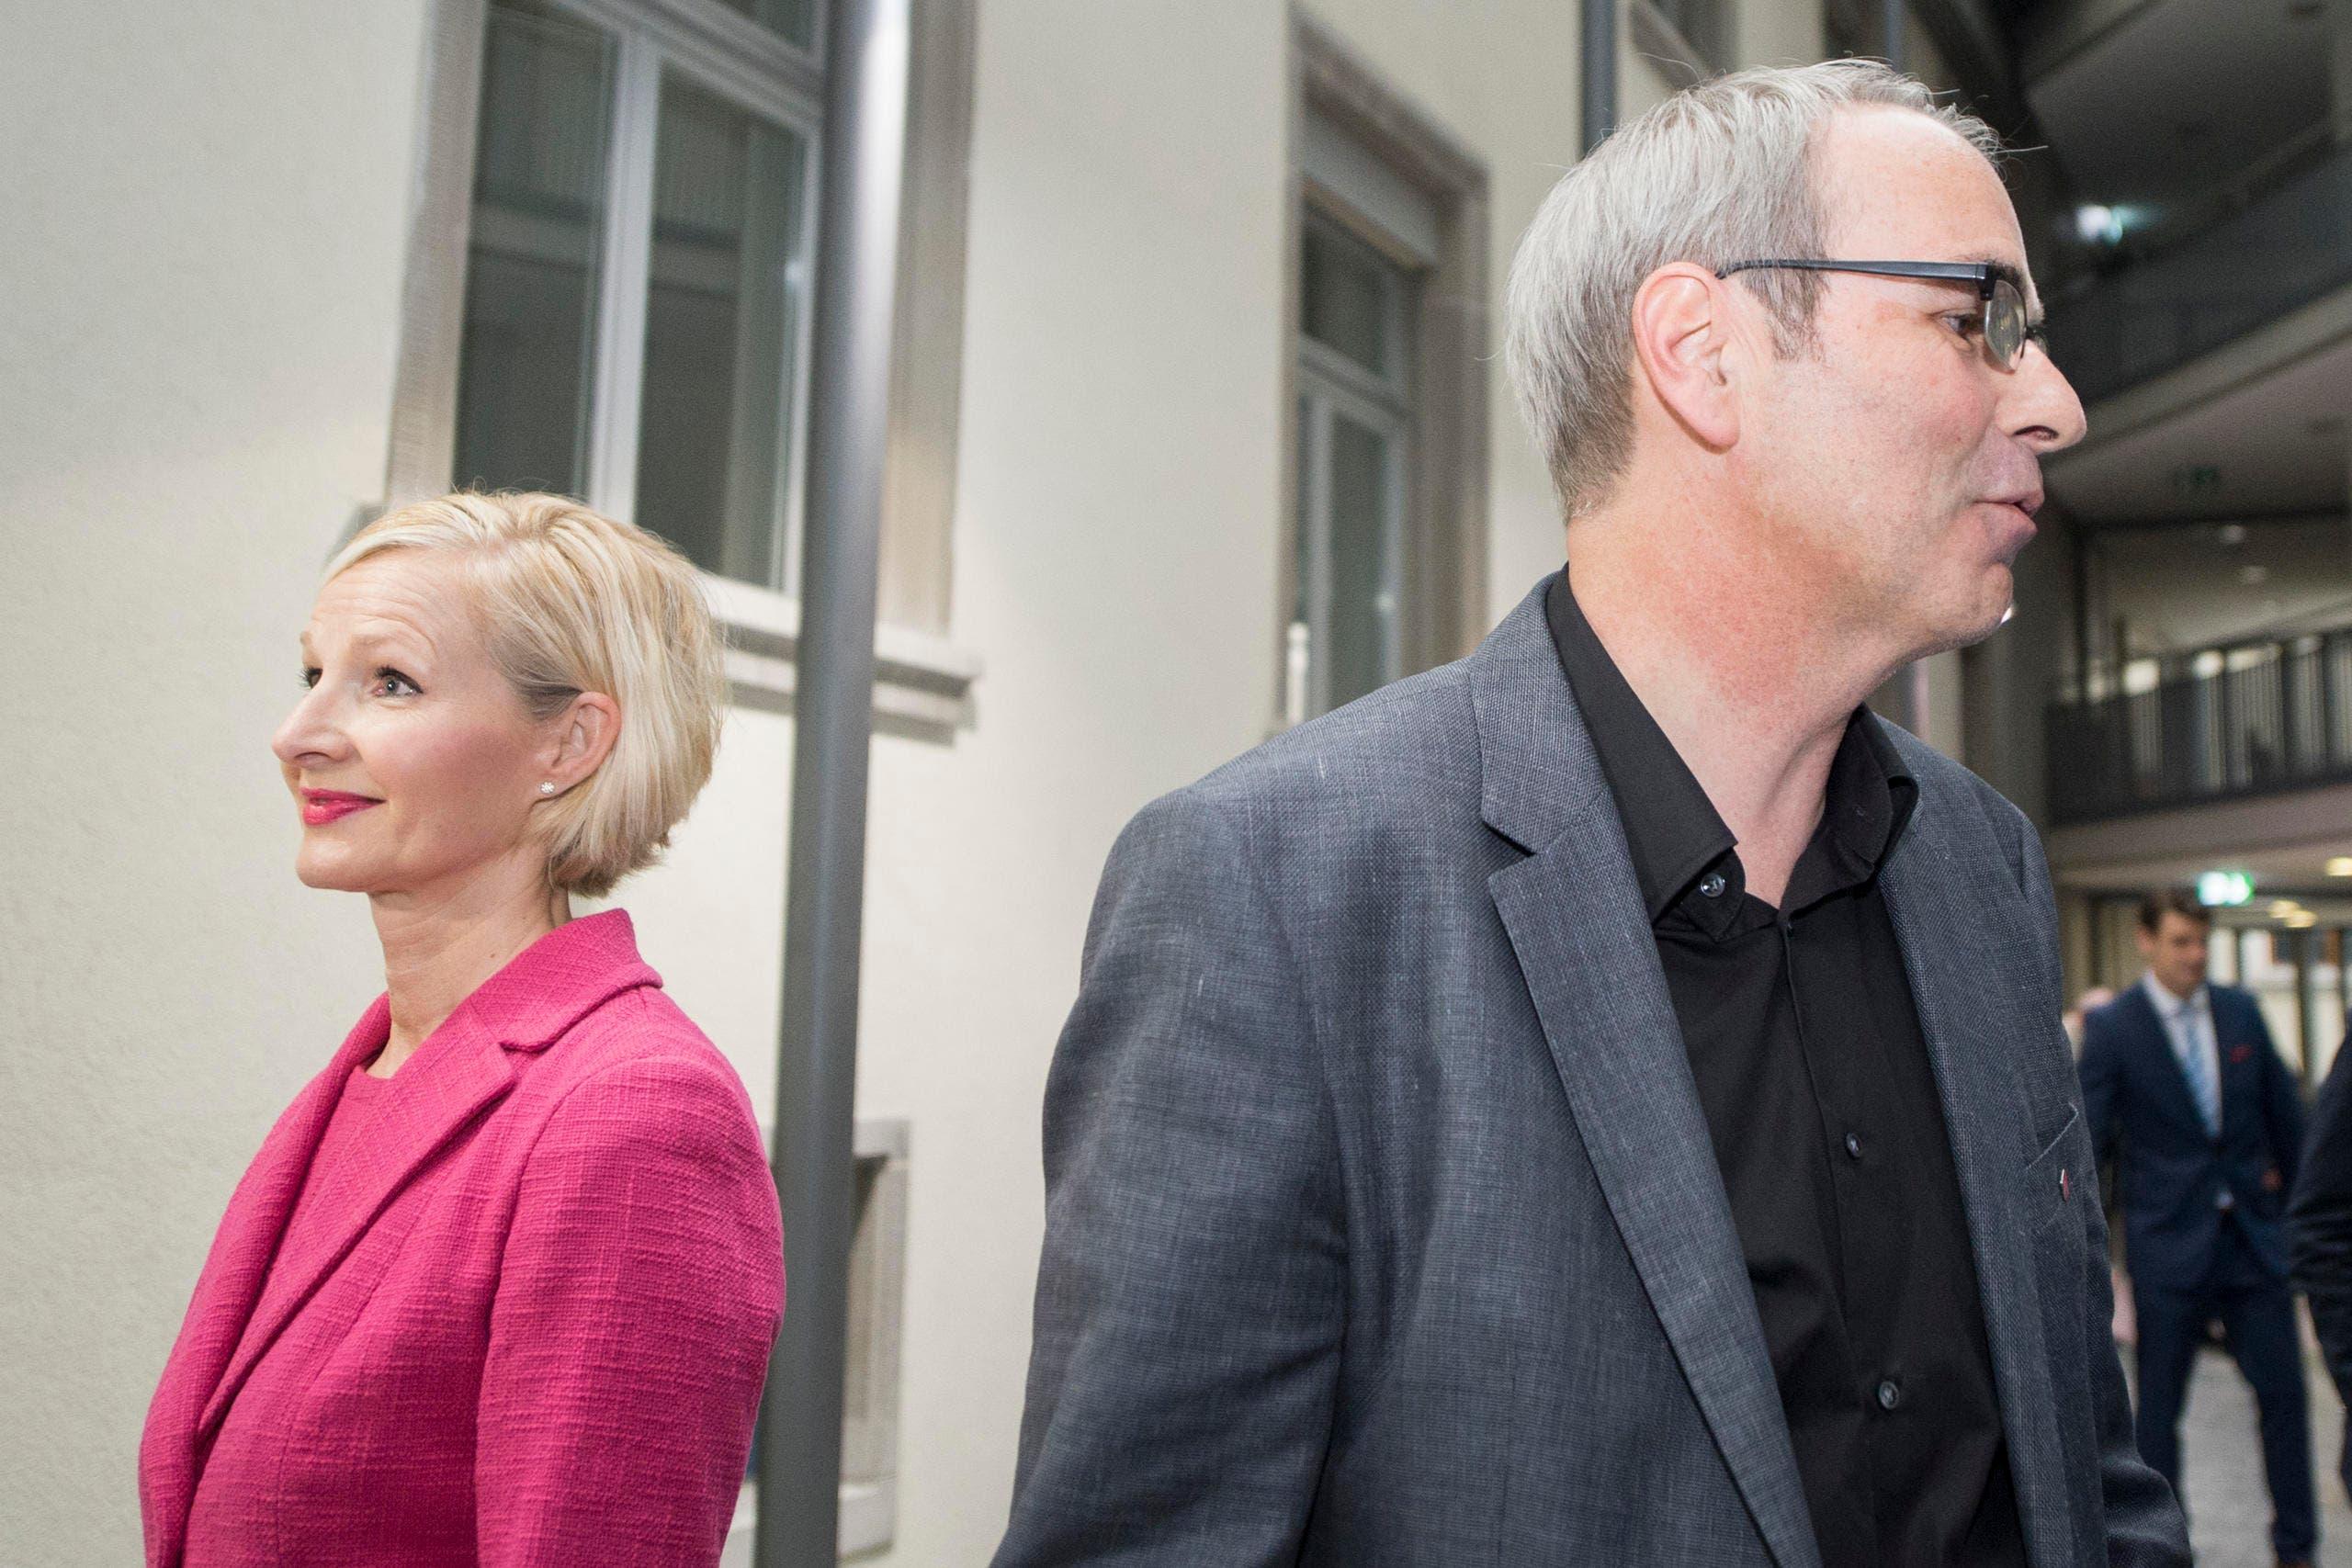 Zweimal gute Miene in der Stadt Luzern: Stadträtin Manuela Jost kann auf den zweiten Wahlgang hoffen, der neu in den Stadtrat gewählte Beat Züsli kann sich über ein Spitzenresultat freuen. (Bild: Keystone / Urs Flüeler)